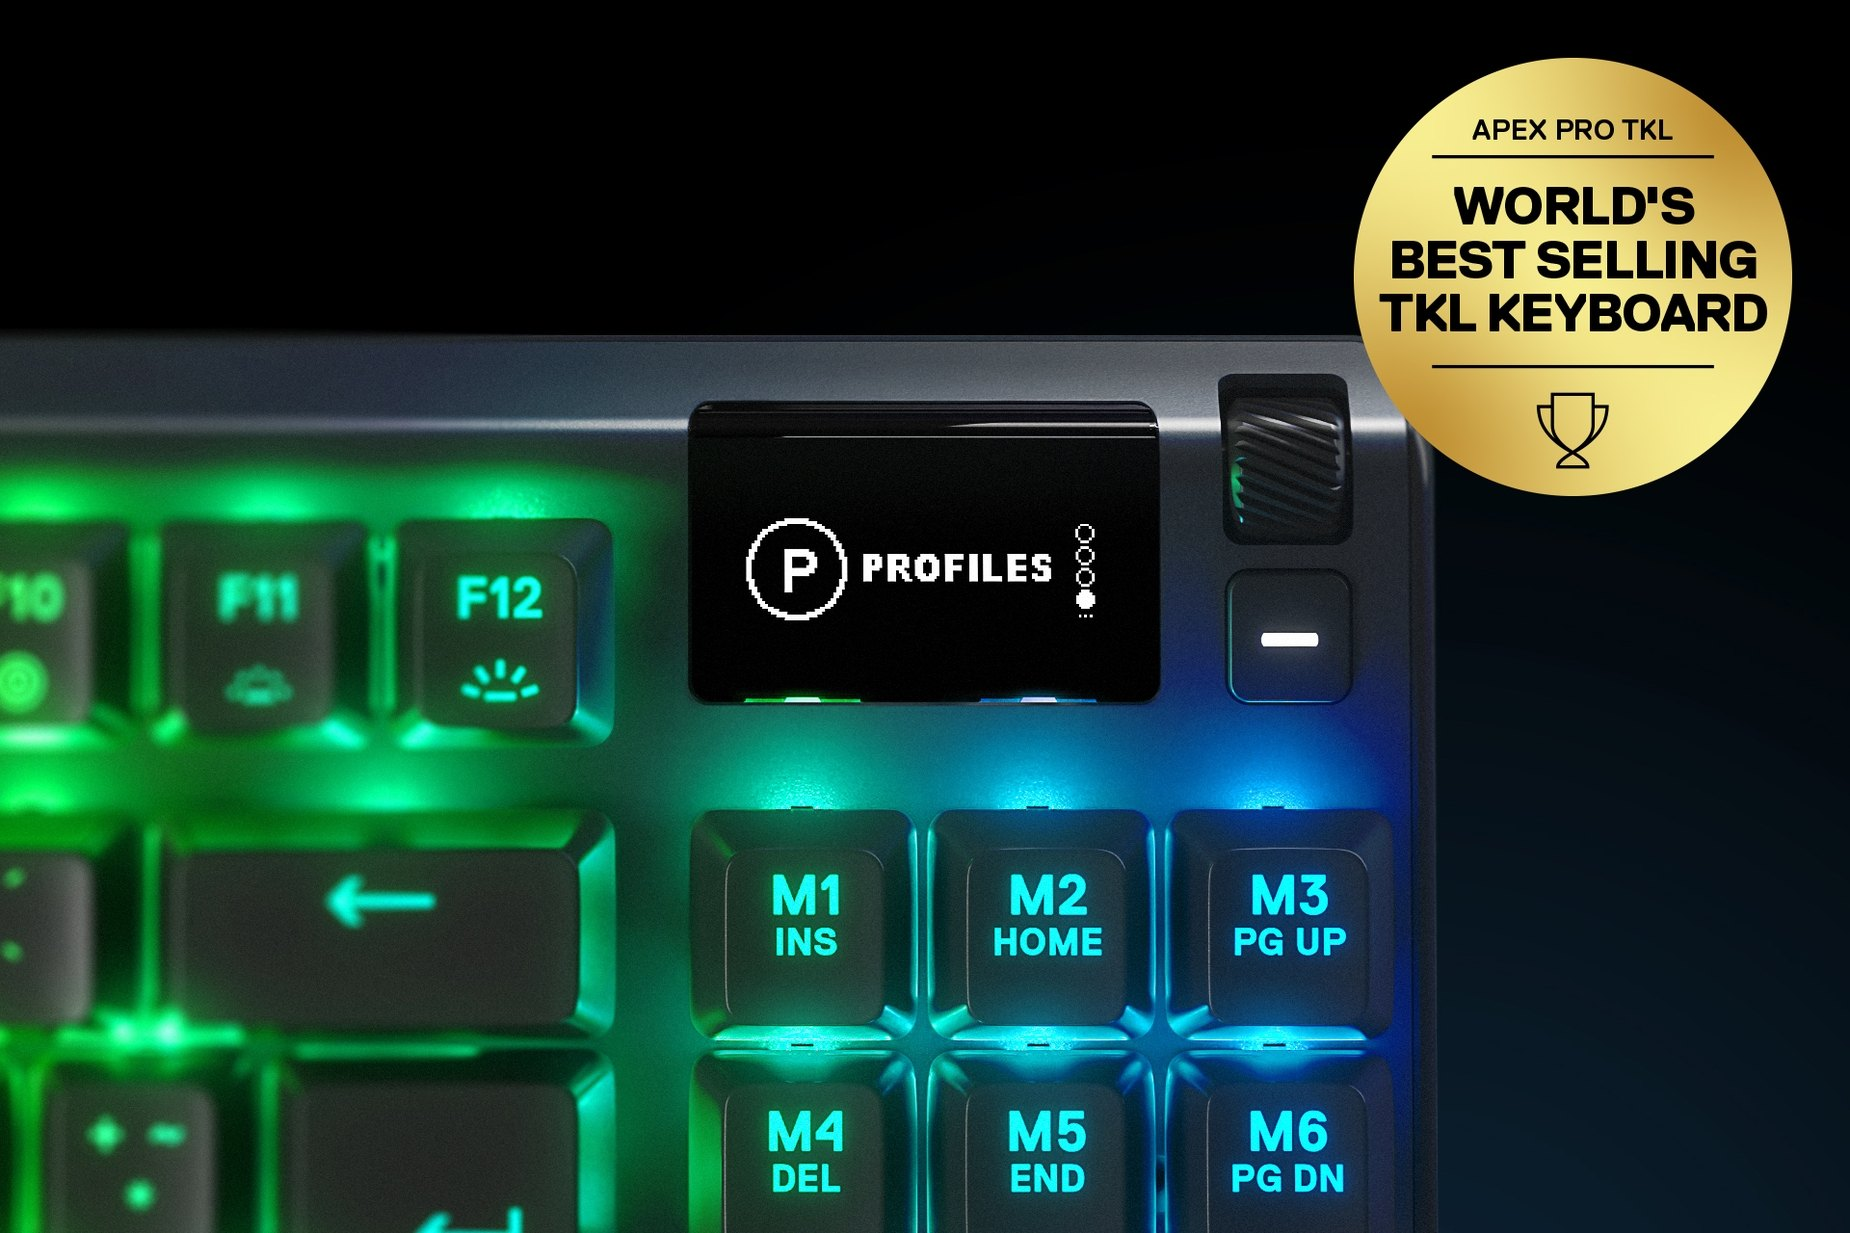 ドイツ語キーボードのマルチメディアおよび設定コントロール/音量ローラーの拡大図-Apex PRO TKLゲーミングキーボード。キーボードには金賞を受賞したフローティングがあり、その横には「World's best selling TKL Keyboard」と記してあります。